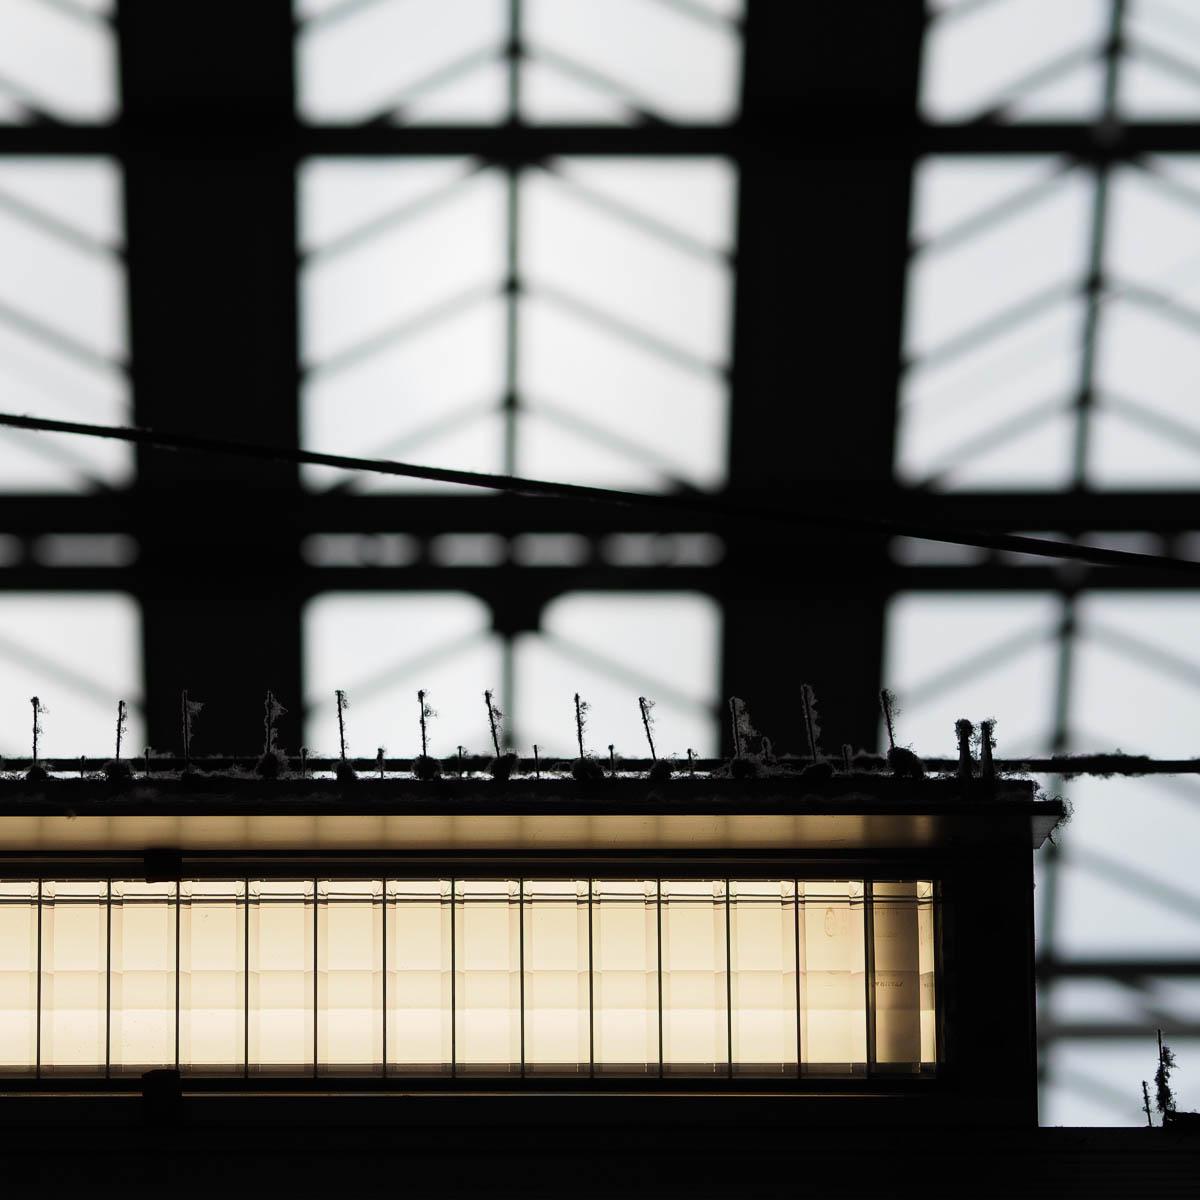 2015-05-12 EM1 Frankfurt Hauptbahnhof 0002